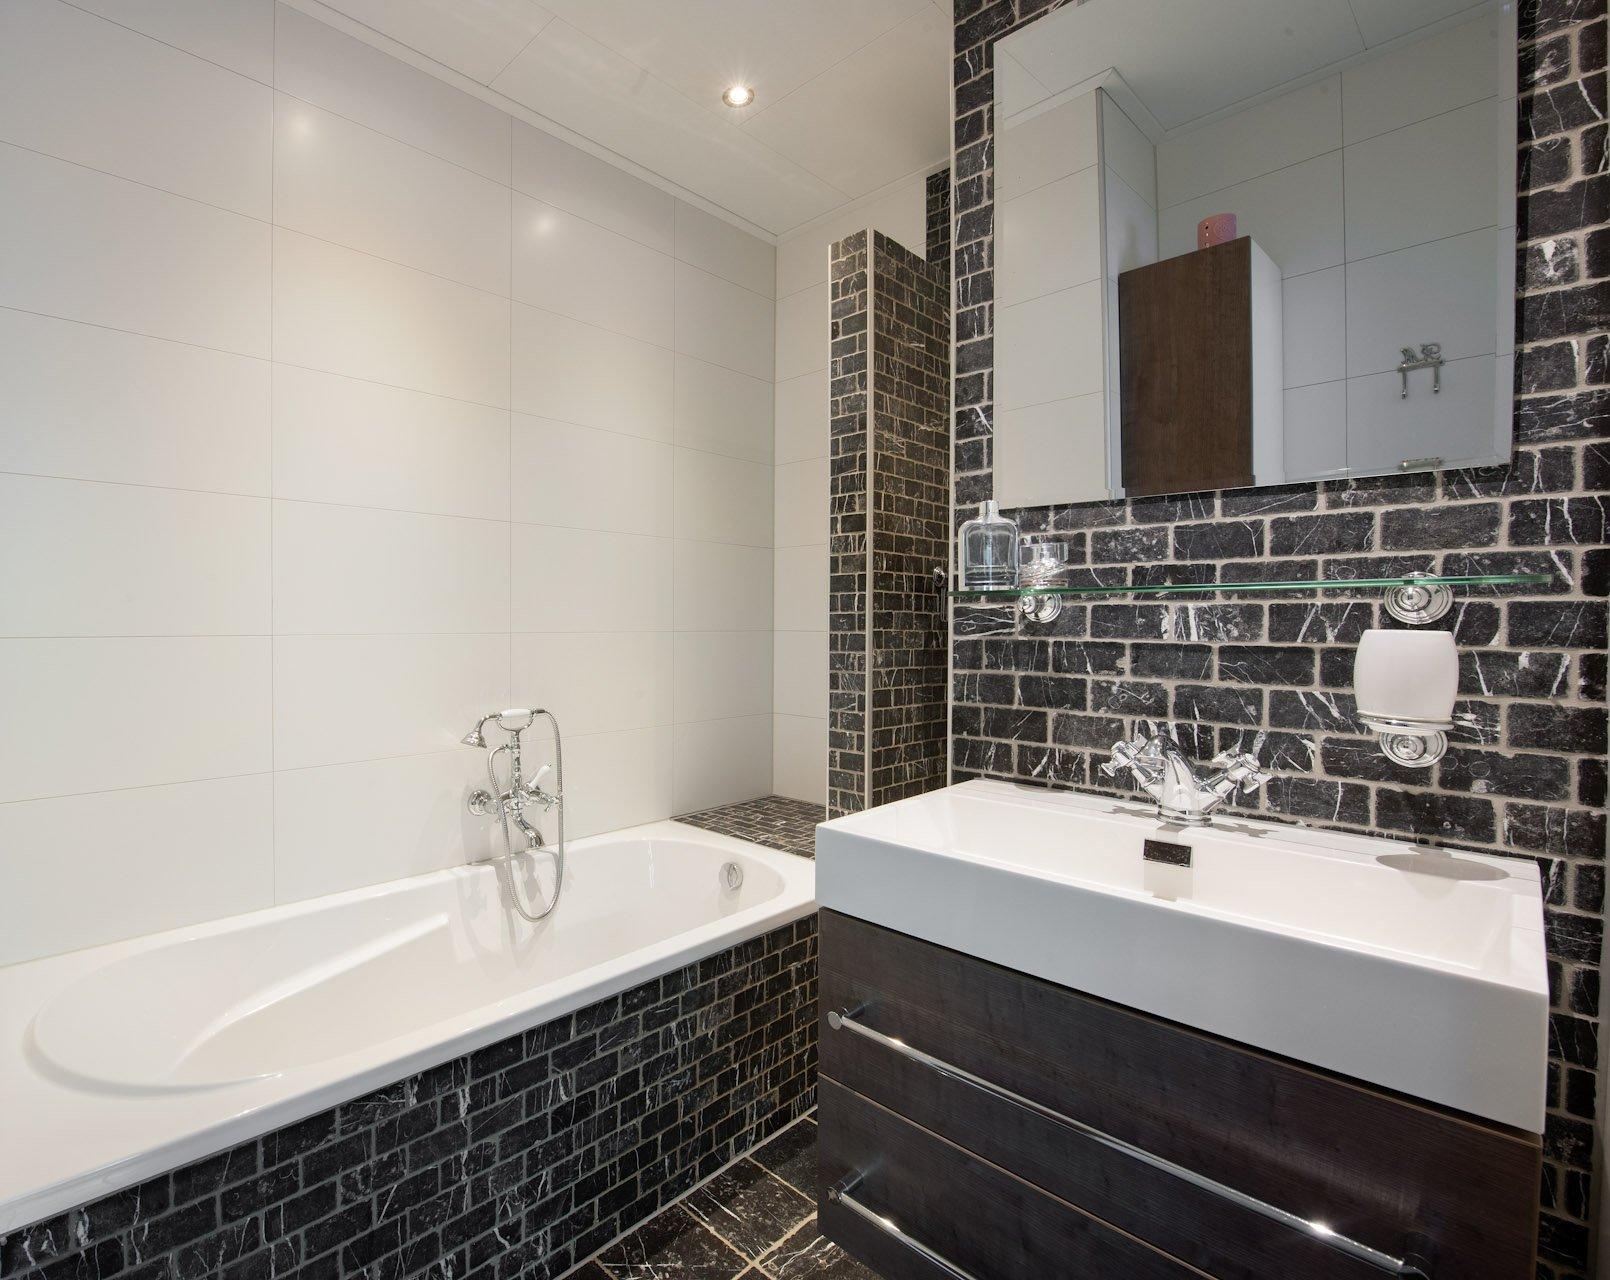 Wandtegels badkamer kroon vloer in steen - Badkamer plan m ...